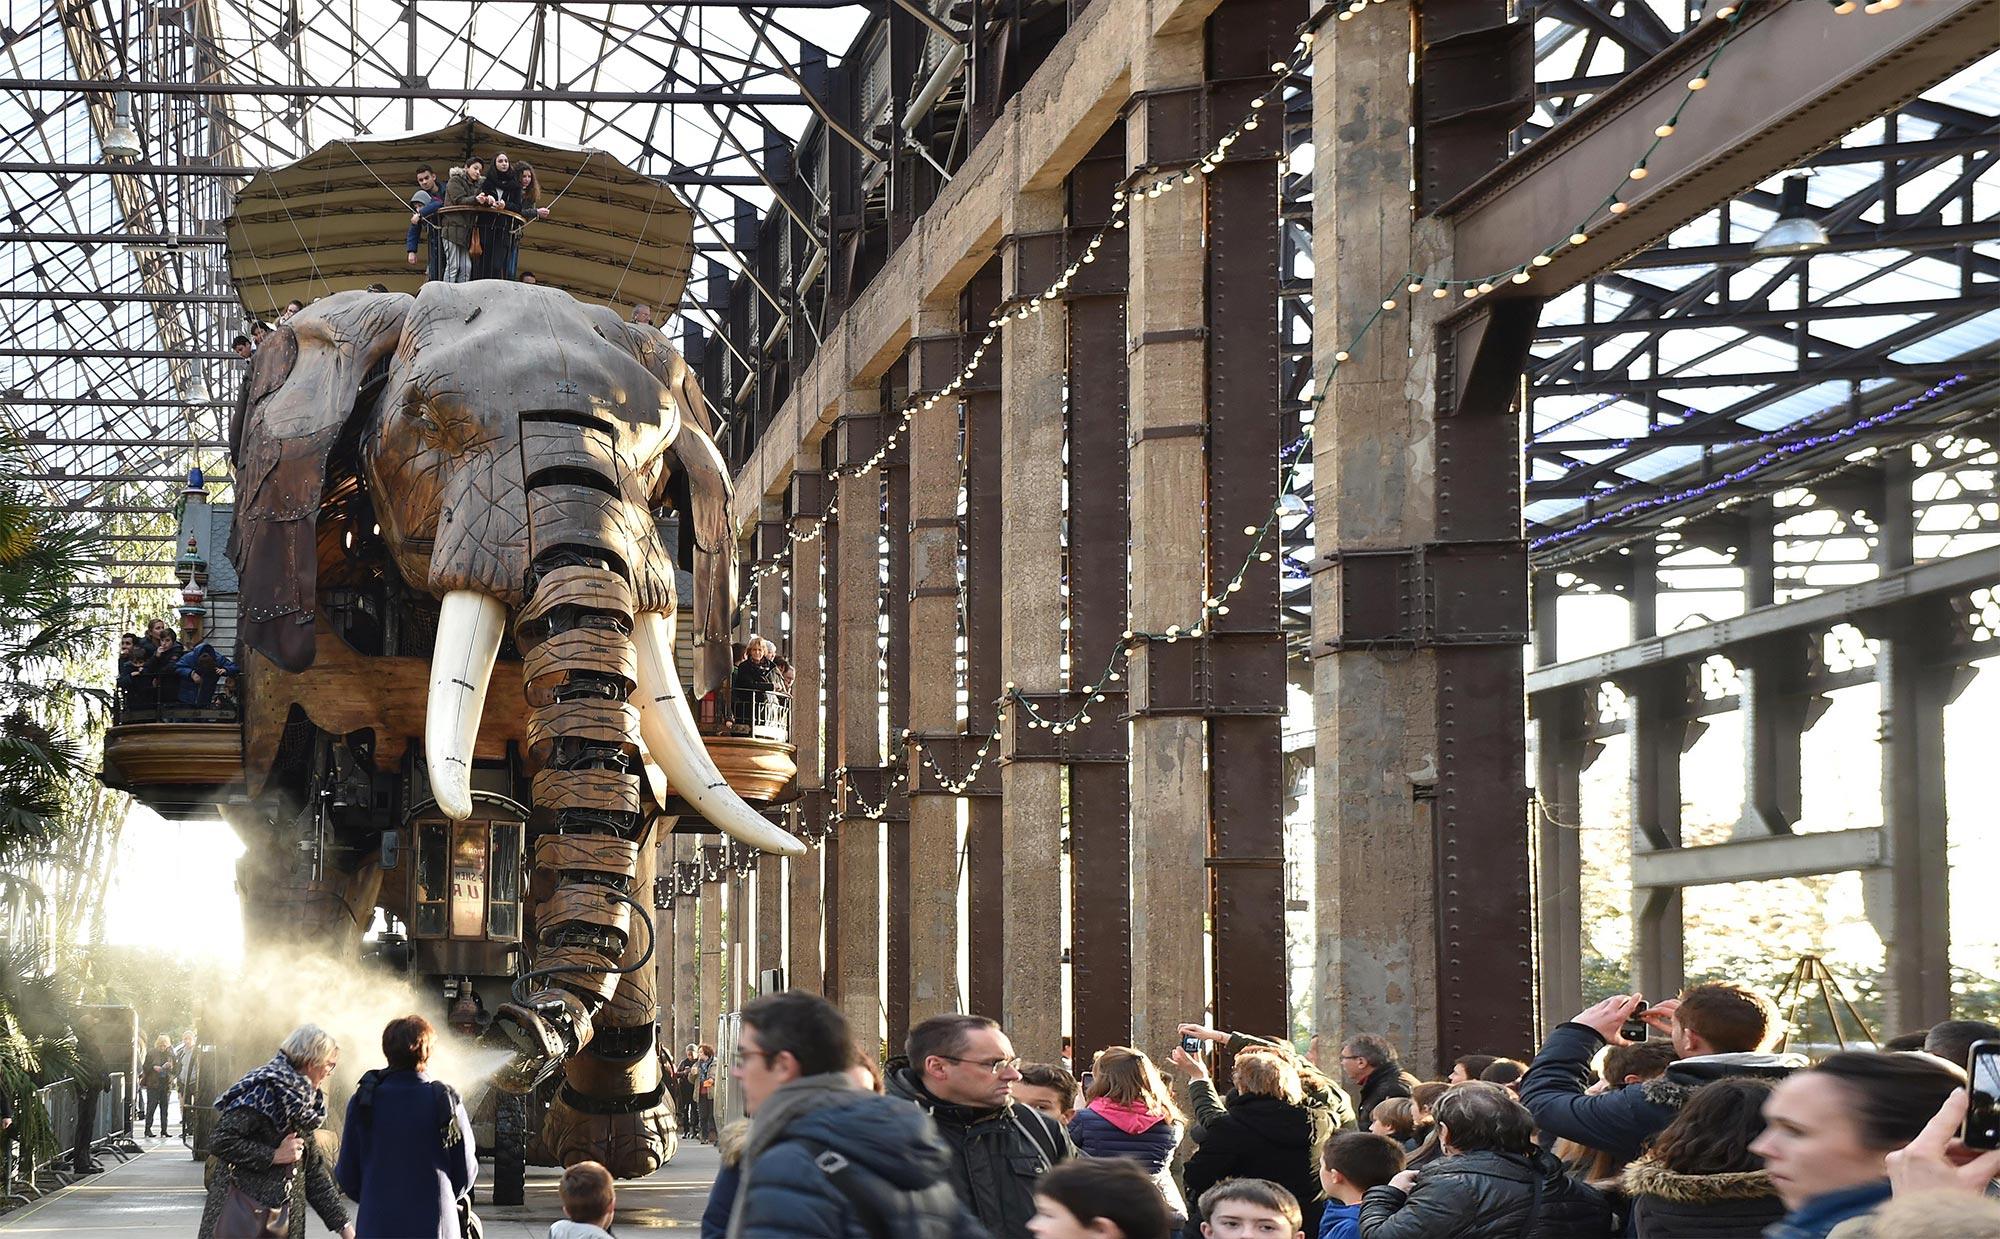 Le Grand Éléphant - Les Machines De L'île avec Barrissement Elephant